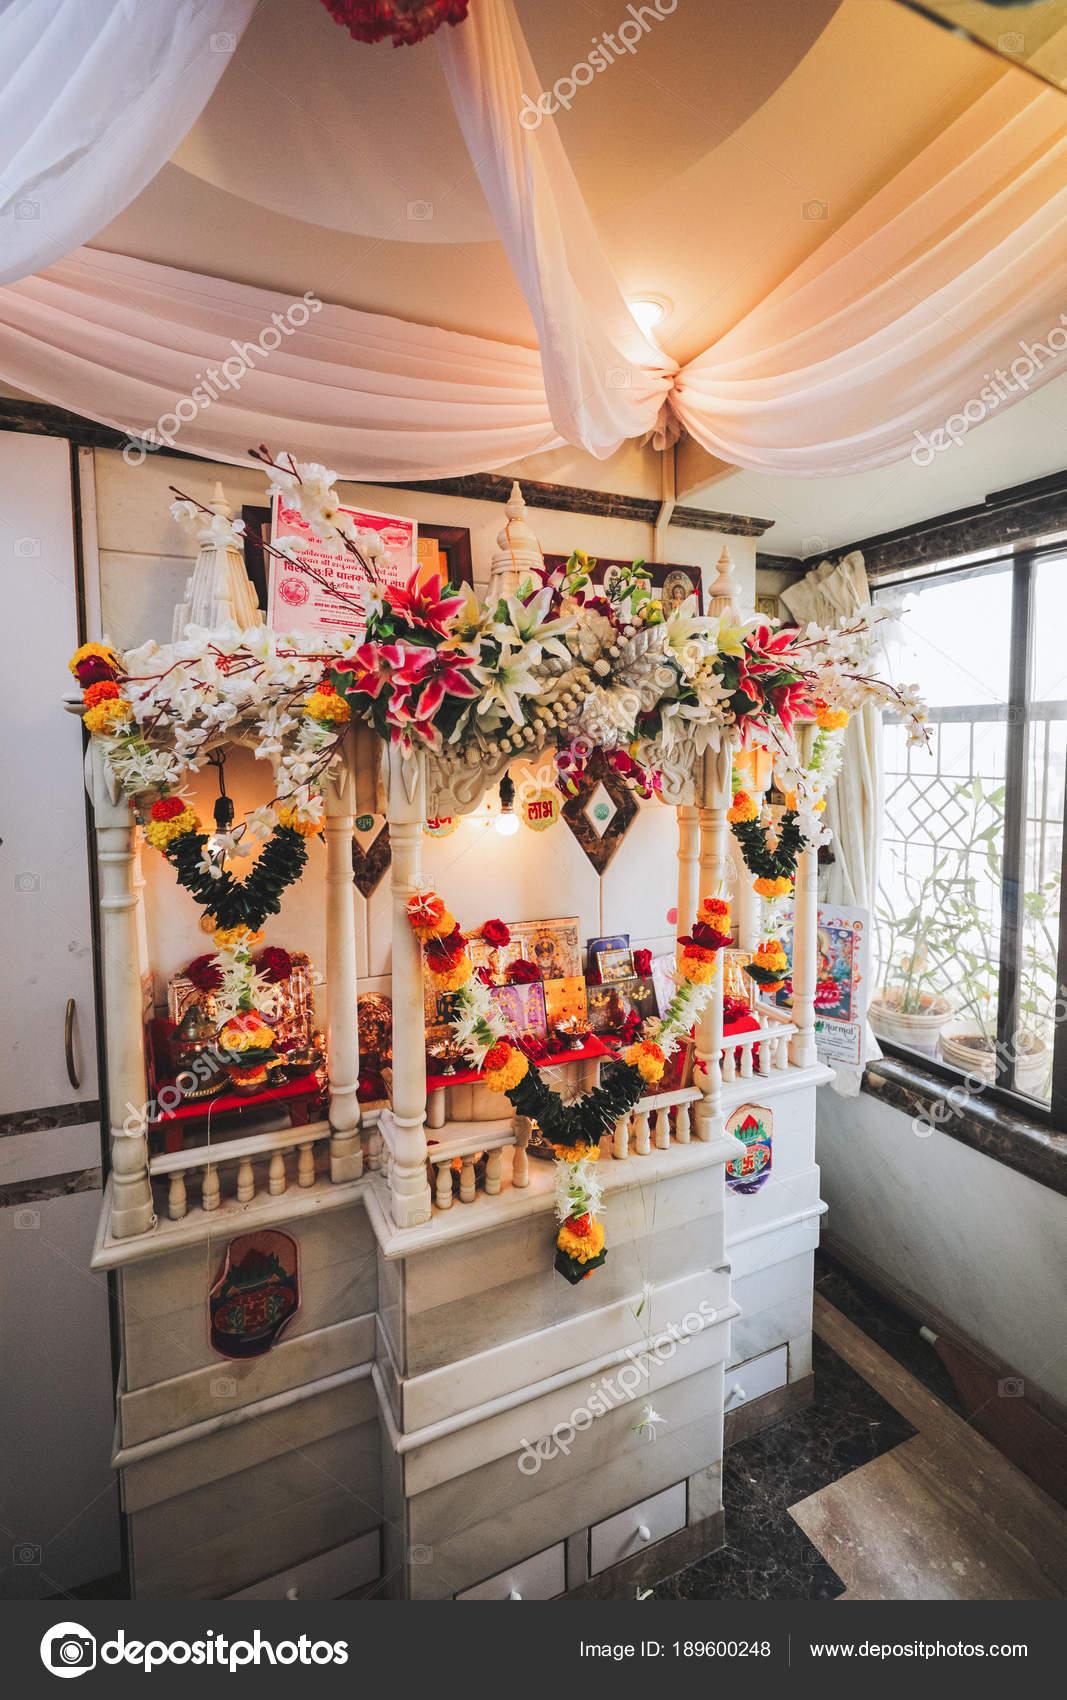 Indian Wedding Decorations Stock Photos Royalty Free Indian Wedding Decorations Images Depositphotos